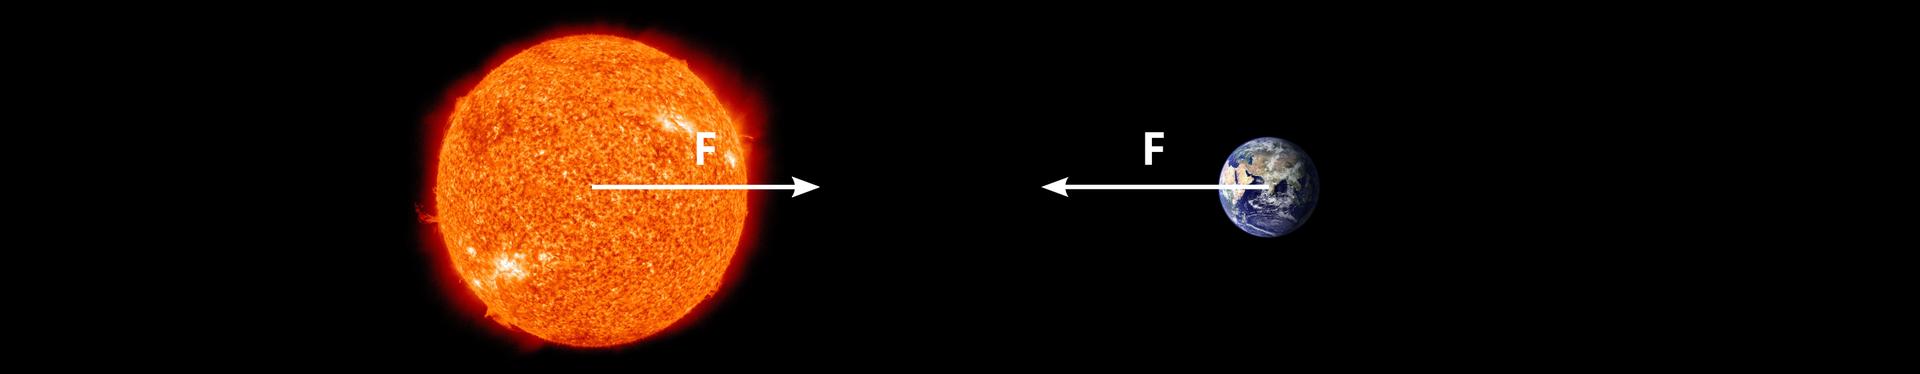 Oddziaływanie grawitacyjne Ziemi na Słońce iSłońca na Ziemię